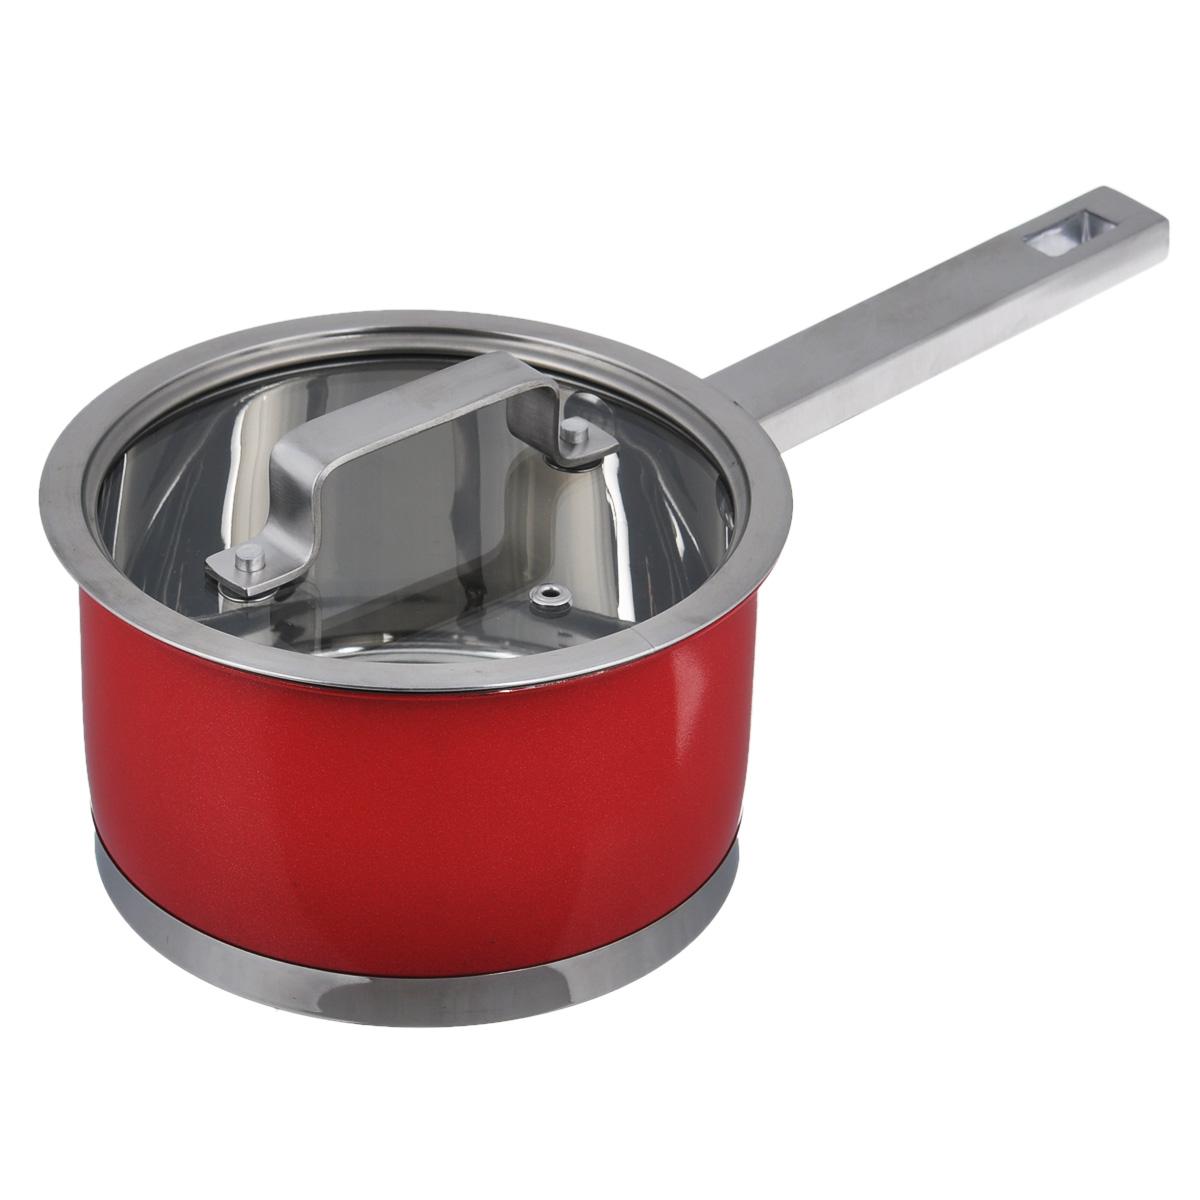 Ковш Bohmann с крышкой, цвет: красный, 1,9 л115423Ковш Bohmann, изготовленный из высококачественной нержавеющей стали. Ковш имеет капсульное дно с алюминиевым основанием, которое быстро и равномерно накапливает тепло и так же равномерно передает его пище. Оно позволяет готовить блюда с минимальным количеством воды и жира, сохраняя при этом вкусовые и питательные вещества продуктов. Внешняя поверхность ковша оформлена сочетанием зеркальной и матовой цветной полировки. Изделие оснащено удобной ручкой из нержавеющей стали. Крышка ковша изготовлена из жаропрочного стекла и оснащена отверстием для выхода пара, ободком из нержавеющей стали и удобной ручкой. Благодаря особенному дизайну крышки, пар, образующийся в процессе приготовления, собирается в центре крышки и, конденсируясь, капает на дно кастрюли. Крышка и обод кастрюли имеют такую форму, что между ними образуется водное кольцо, предотвращающее испарение влаги и потерю вкусовых свойств продуктов.Ковш Bohmann - это идеальный подарок для современных хозяек, которые следят за своим здоровьем и здоровьем своей семьи. Эргономичный дизайн и функциональность позволят вам наслаждаться процессом приготовления любимых и полезных для здоровья блюд. Можно мыть в посудомоечной машине. Пригоден для всех типов плит, включая индукционные. Длина ручки ковша: 16 см.Высота стенок: 9,5 см.Толщина стенок: 2 мм.Толщина дна: 4 мм. Диаметр по верхнему краю: 17 см. Диаметр дна: 15,5 см.